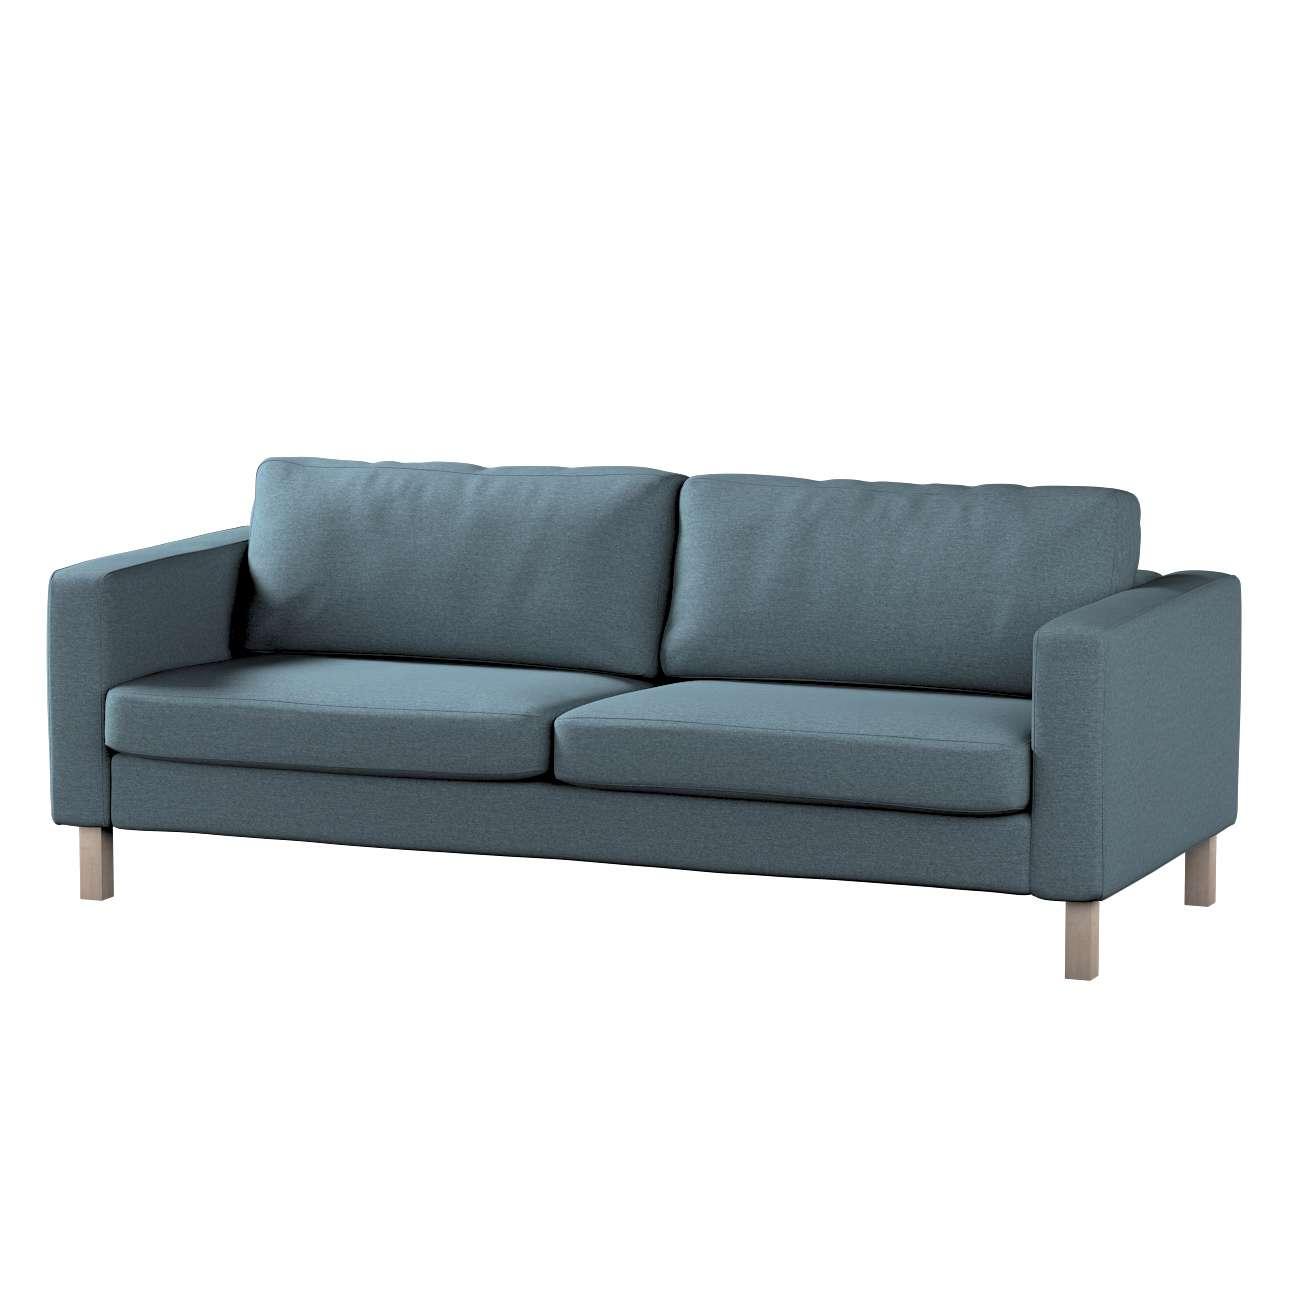 Potah na pohovku IKEA  Karlstad 3-místná, nerozkládací, krátký v kolekci Madrid, látka: 161-90